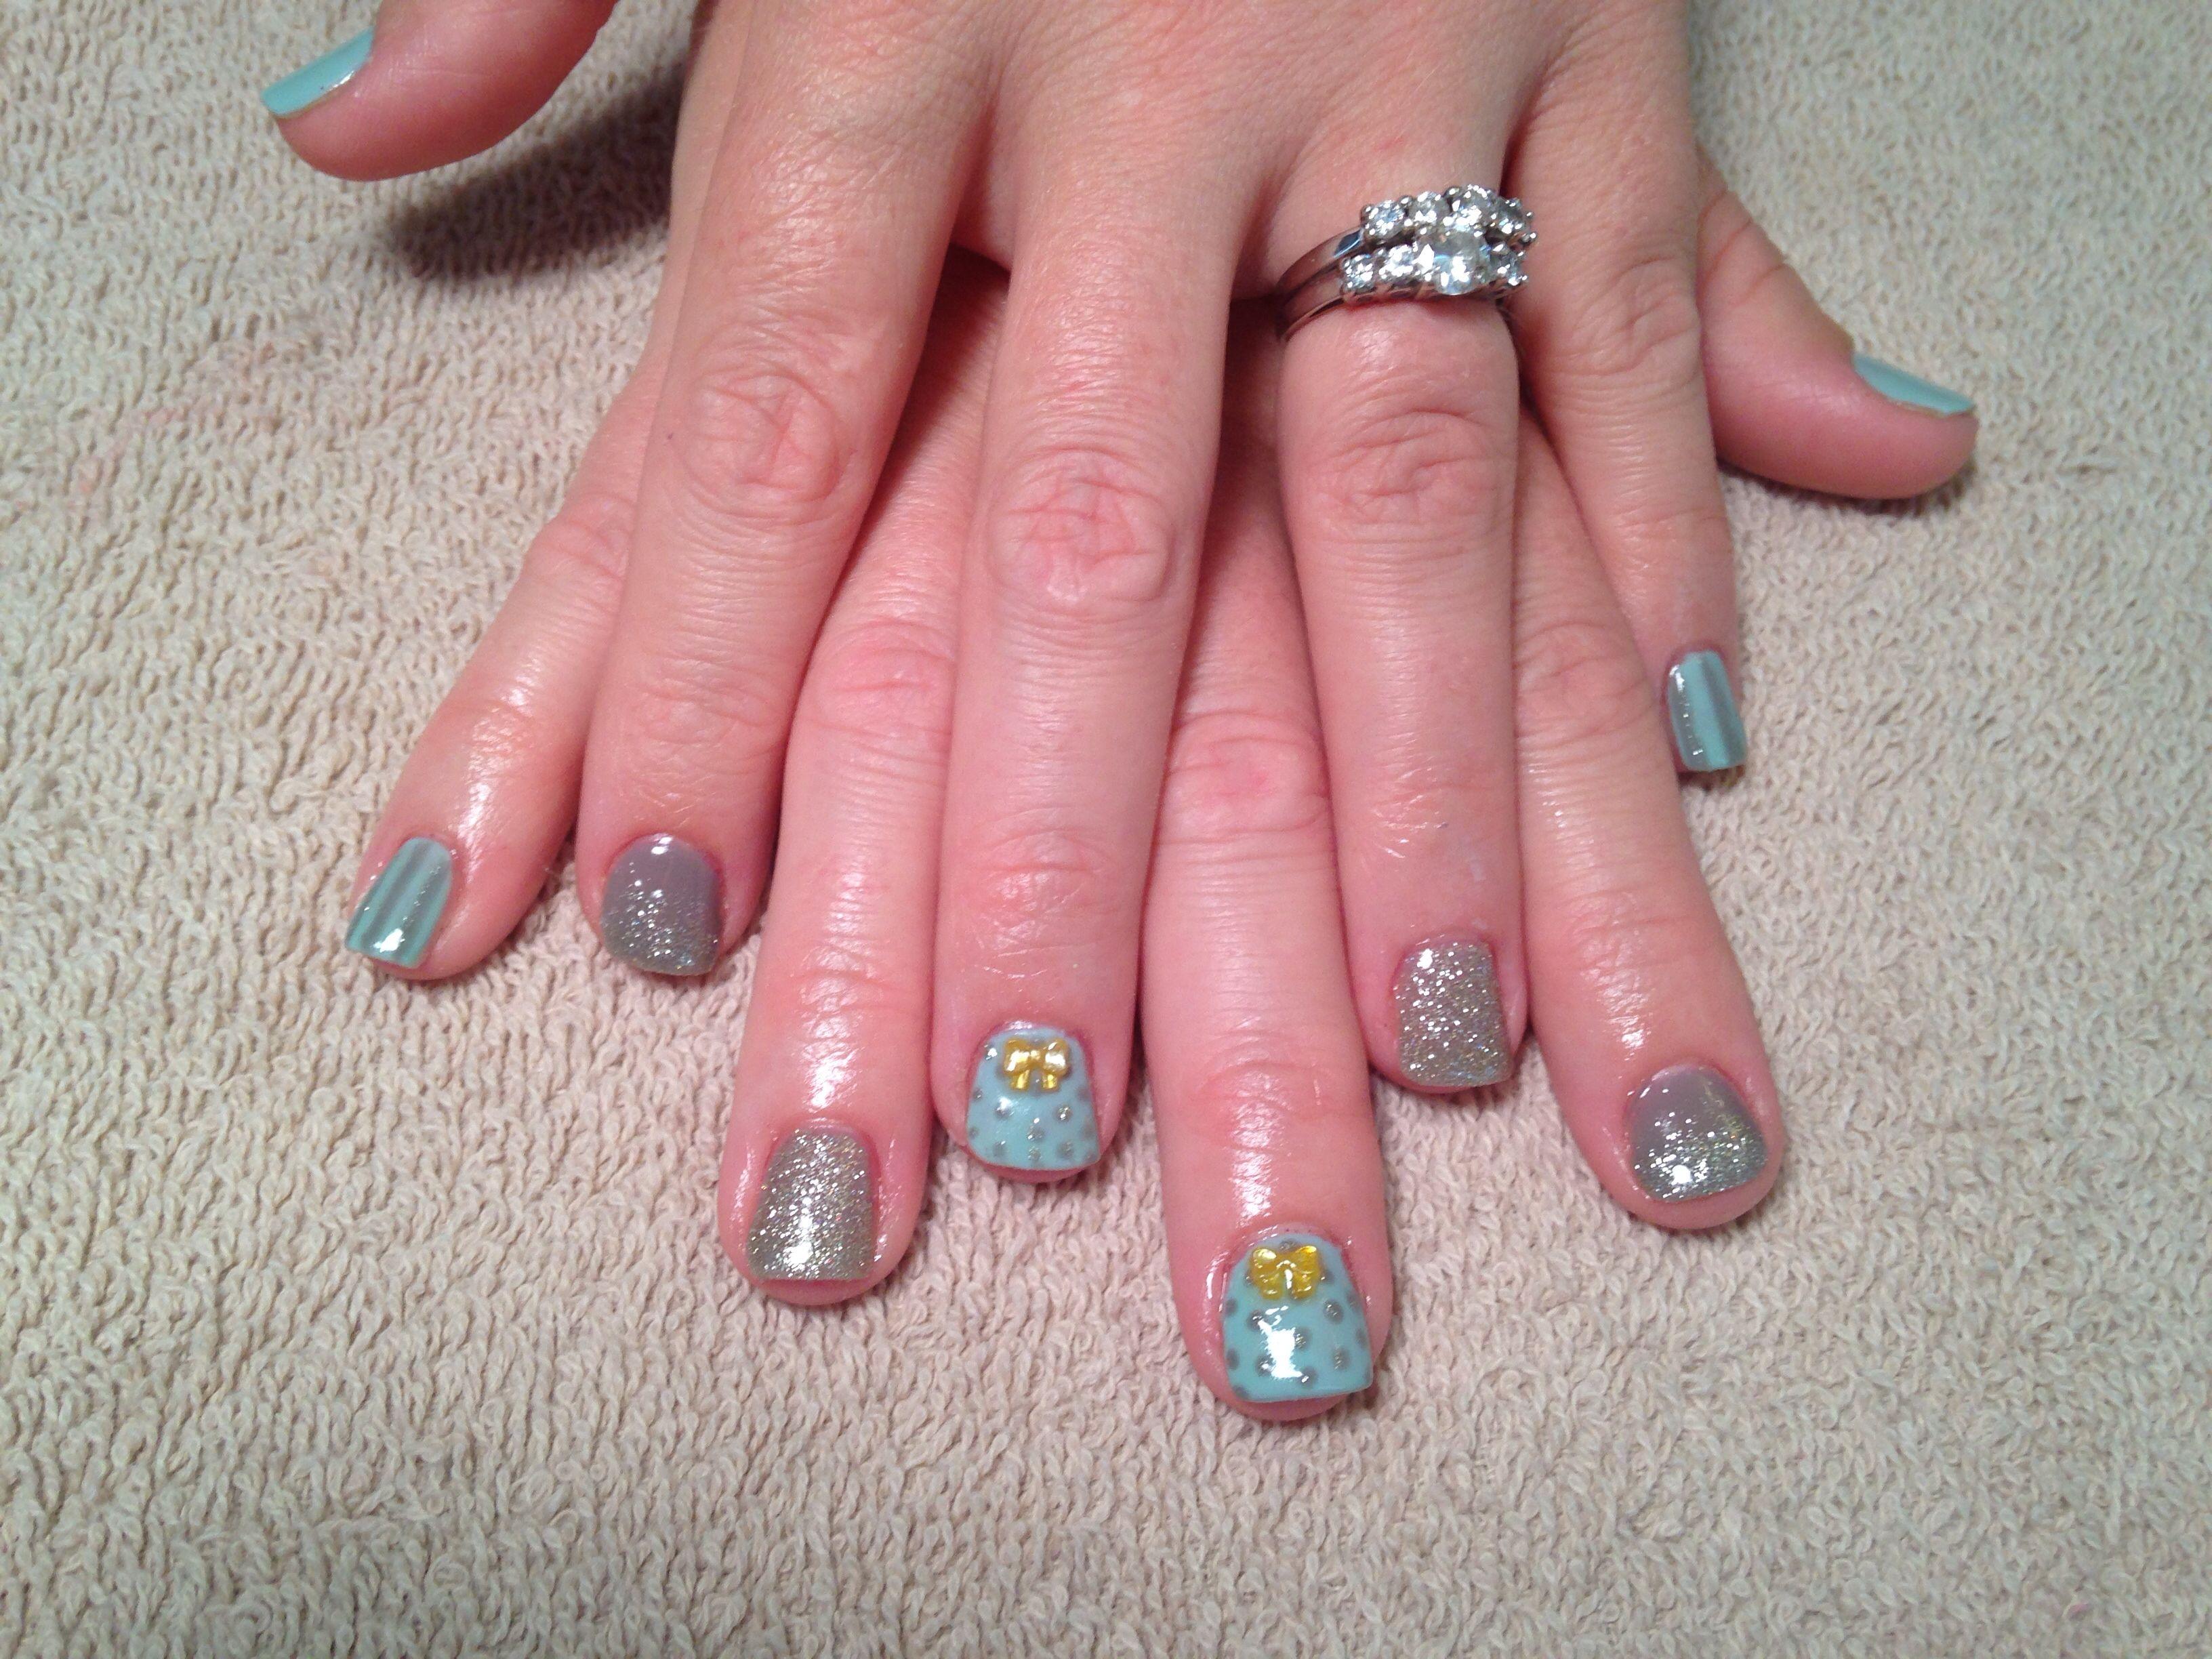 Gel polish, nail art, bows, polka dots, gray, gold, glitter | Nail ...